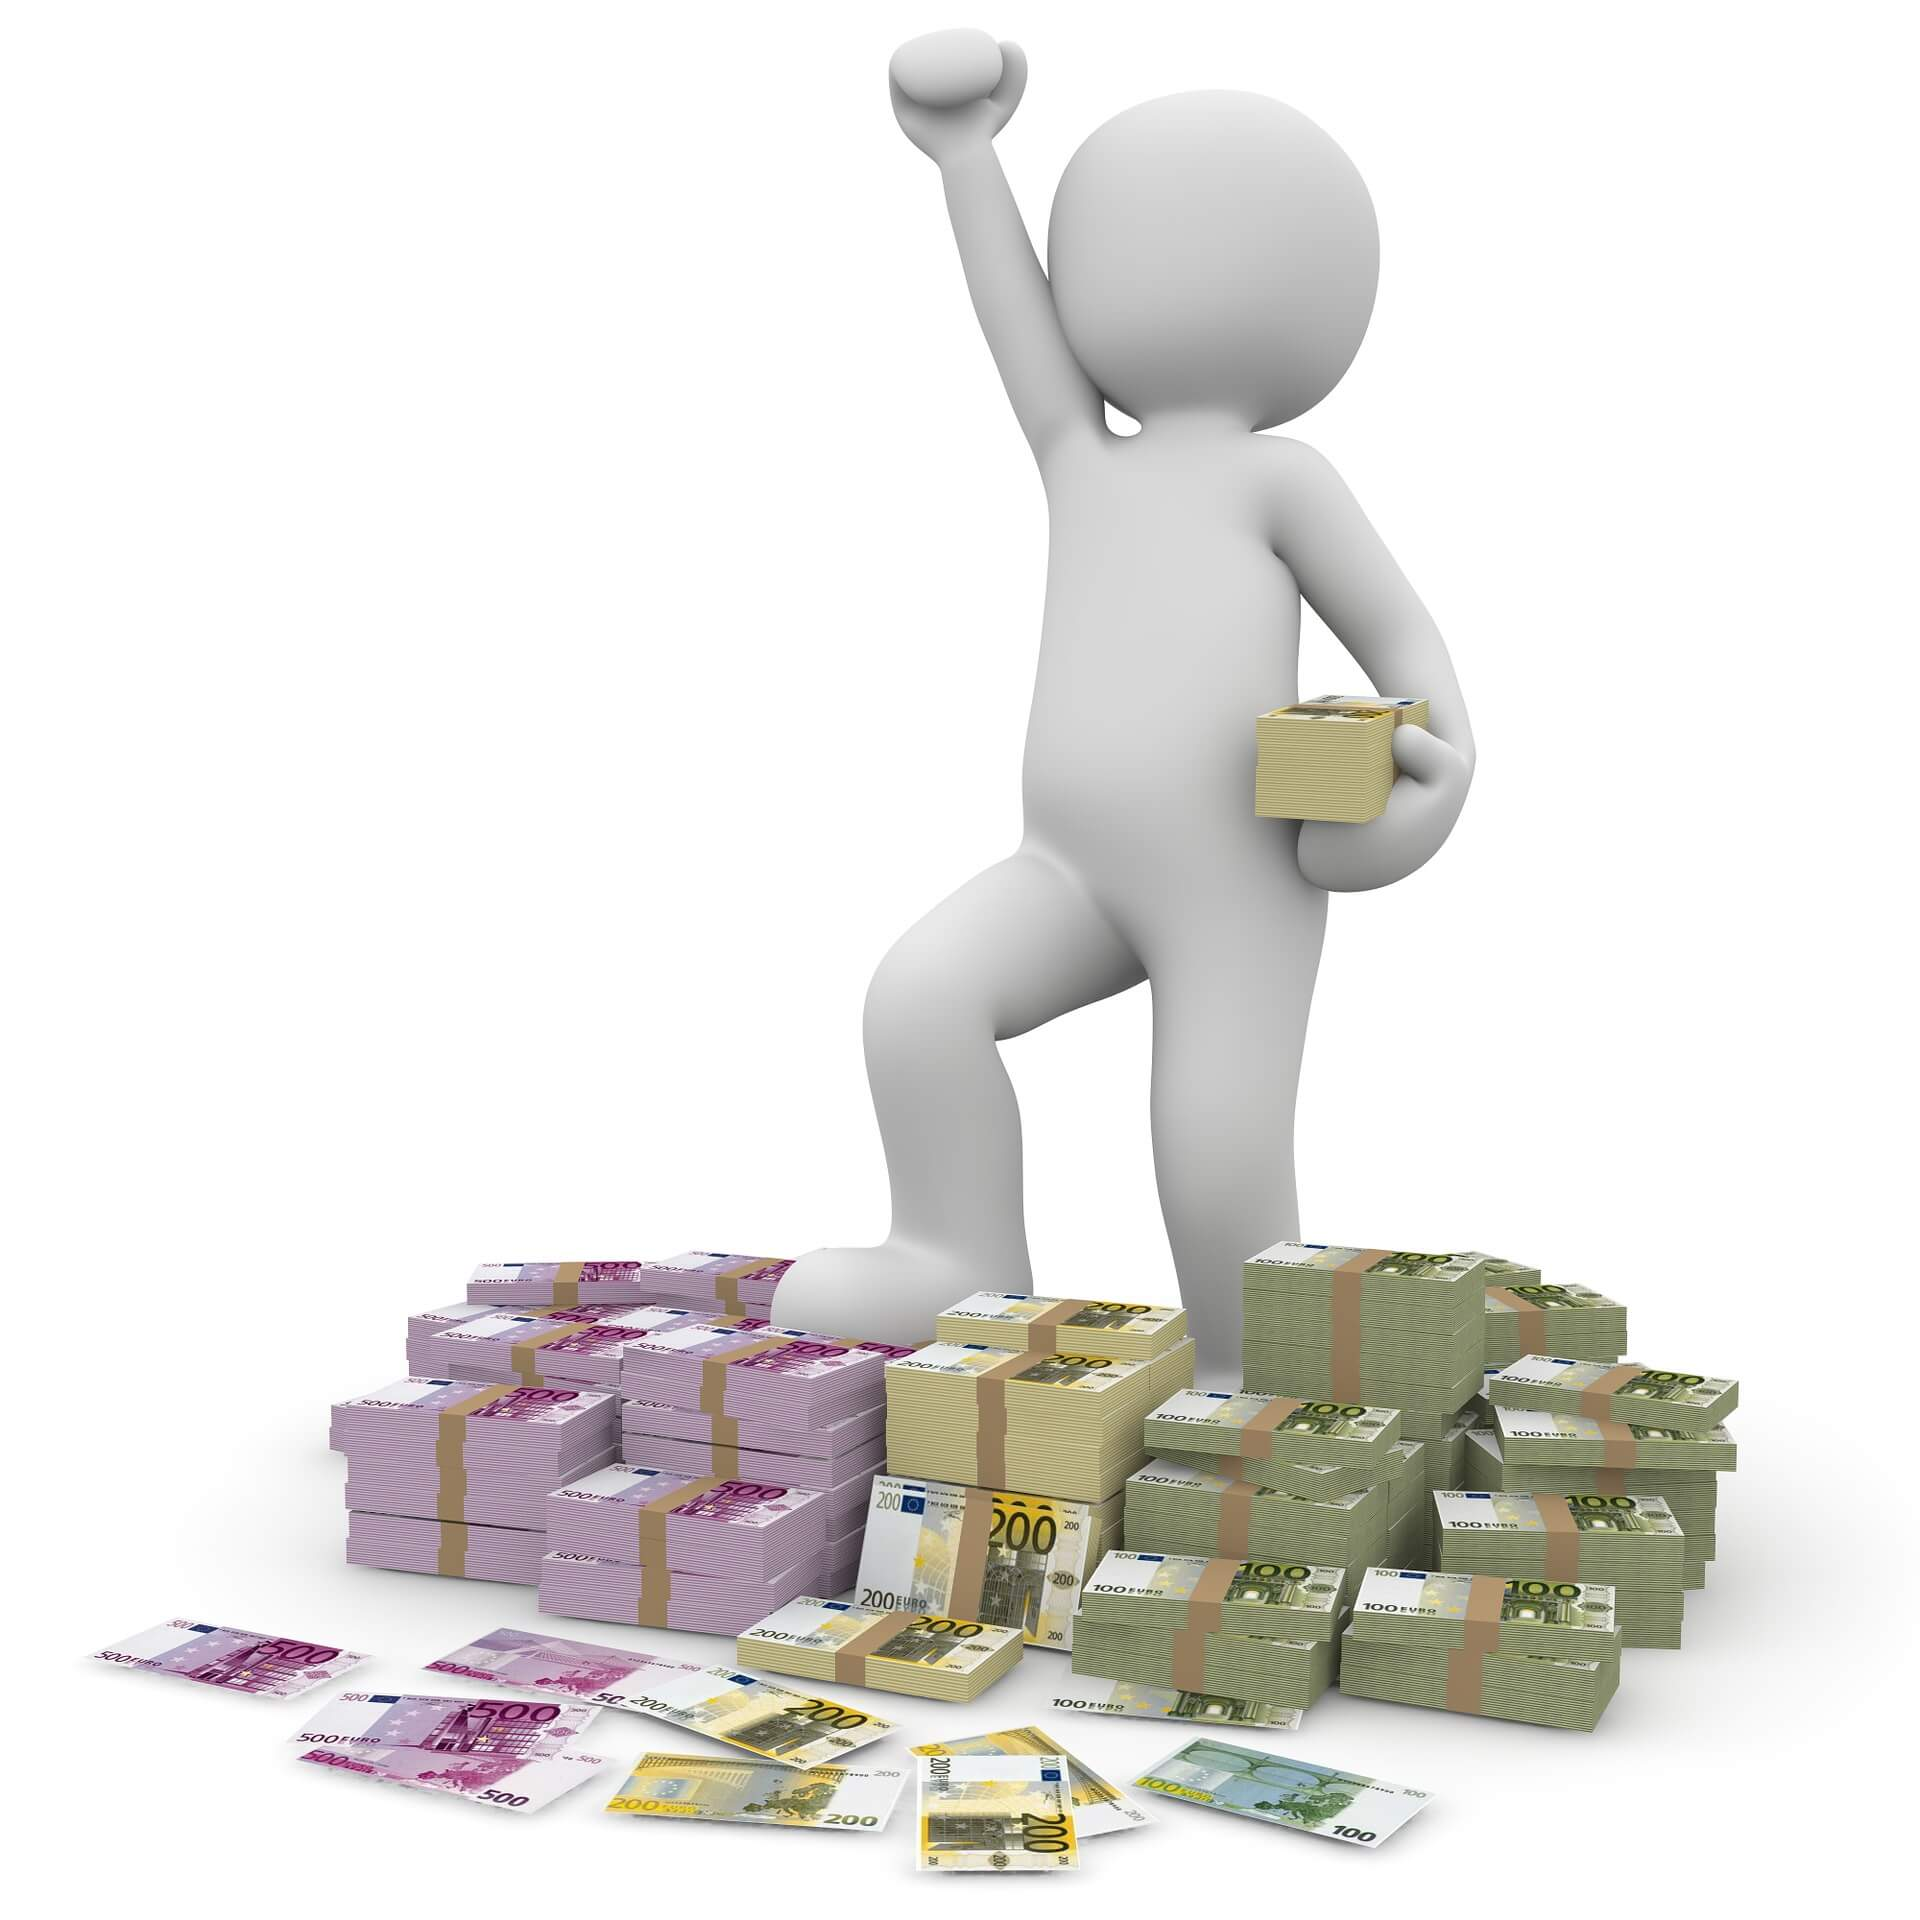 El gerente de finanzas es el encargado de verificar que todos los procesos económicos estén funcionando bien dentro de una empresa.